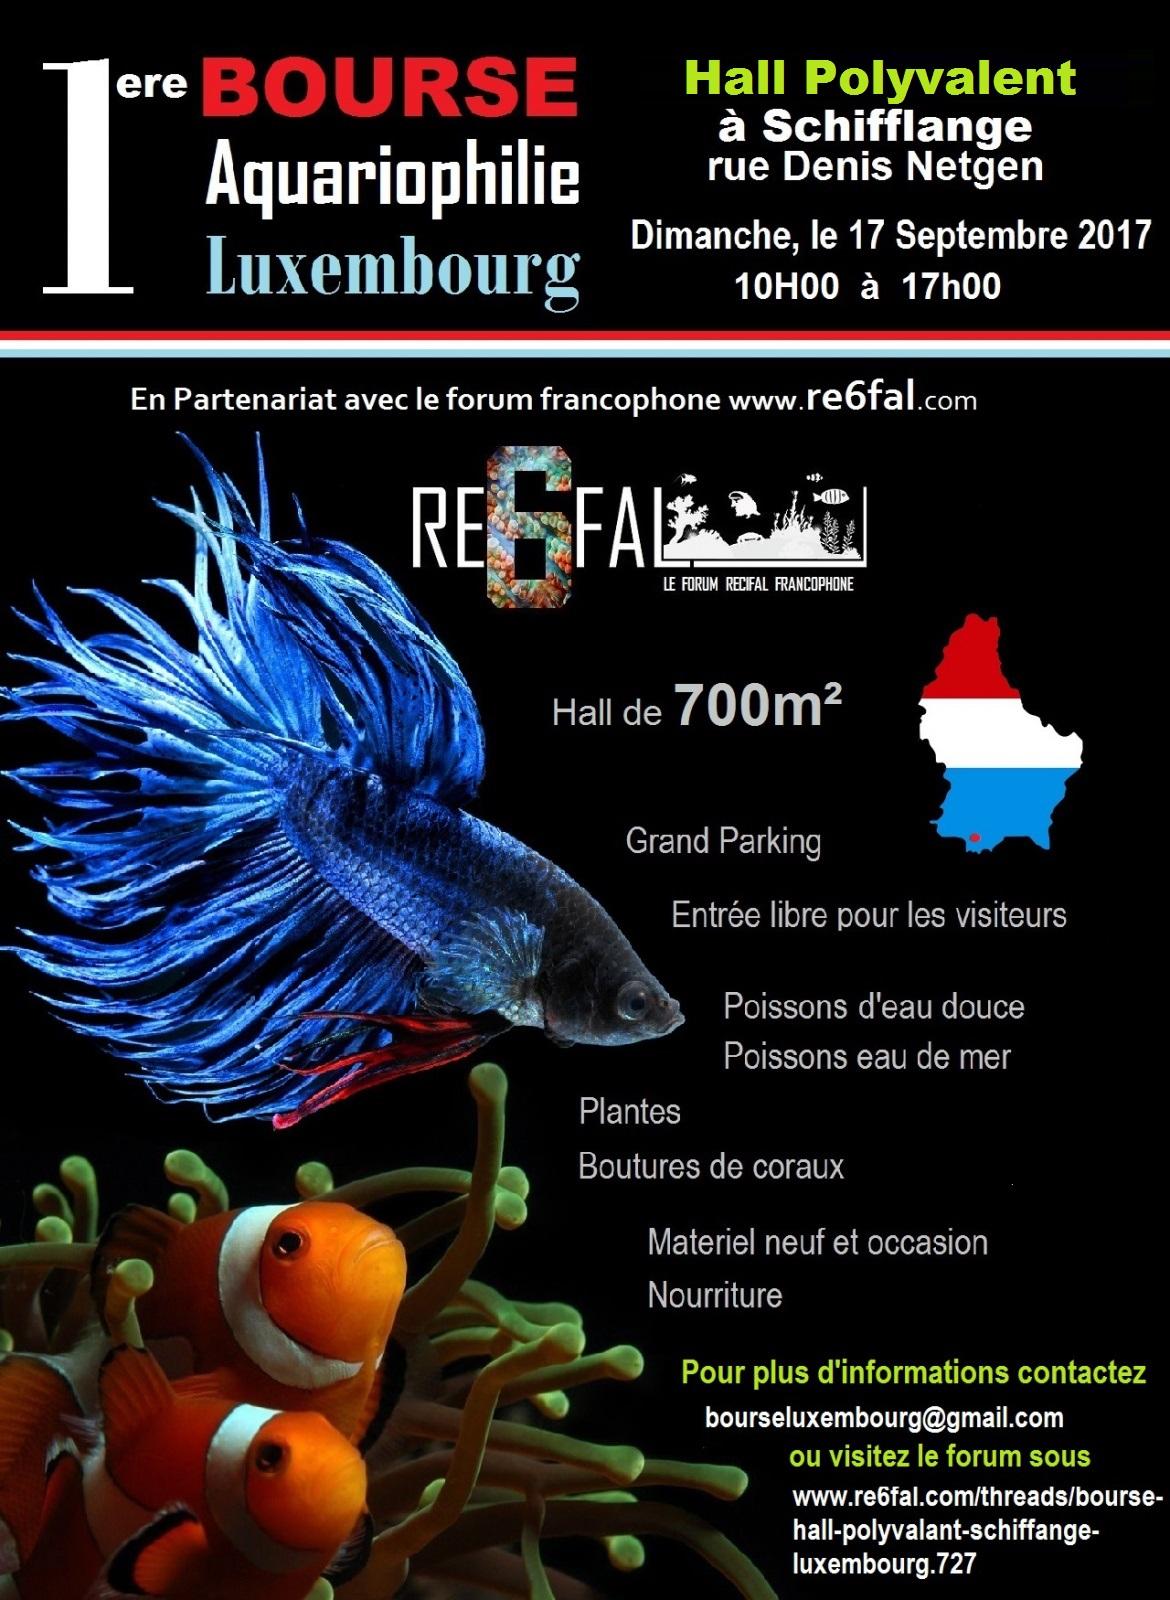 Bourse luxembourg 403915830256501014SZl8EfM